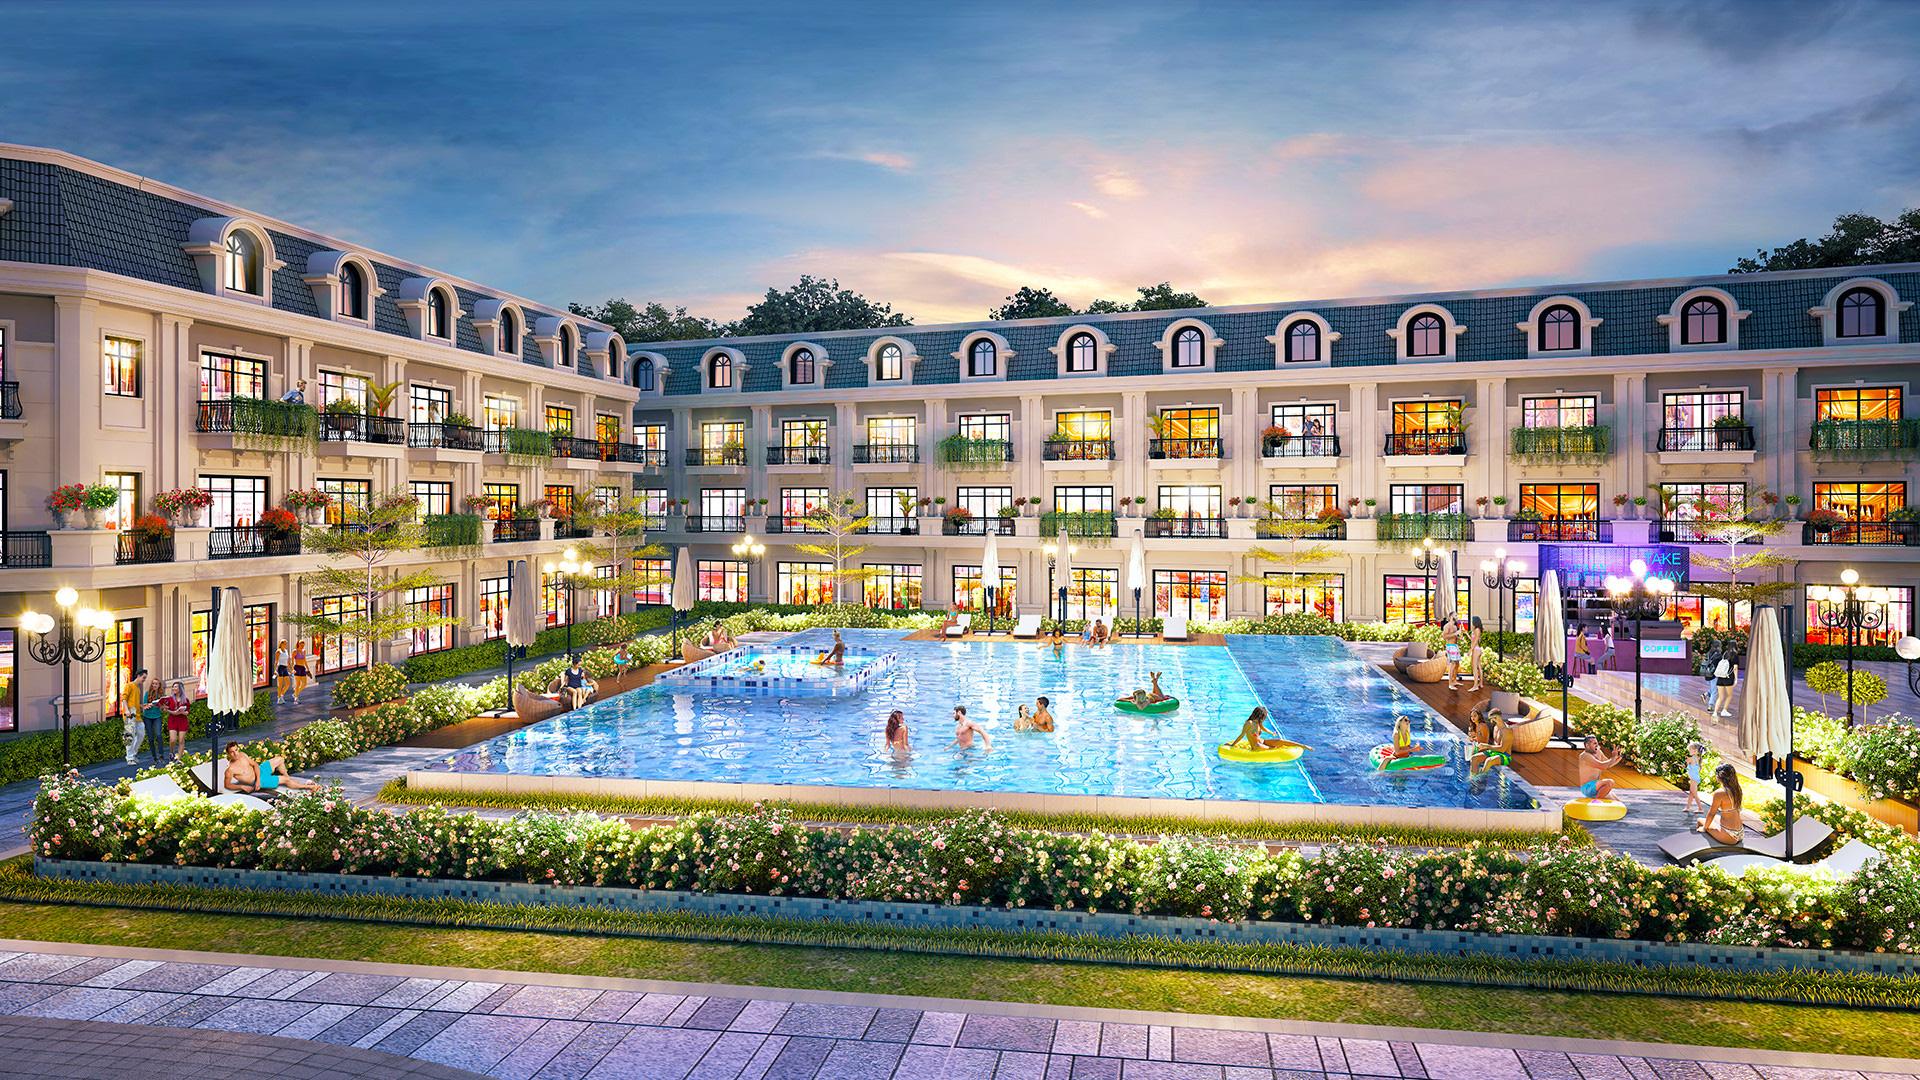 Giải mã sức hút Ariyana Center tại trung tâm Hải Hà – Quảng Ninh - Ảnh 3.